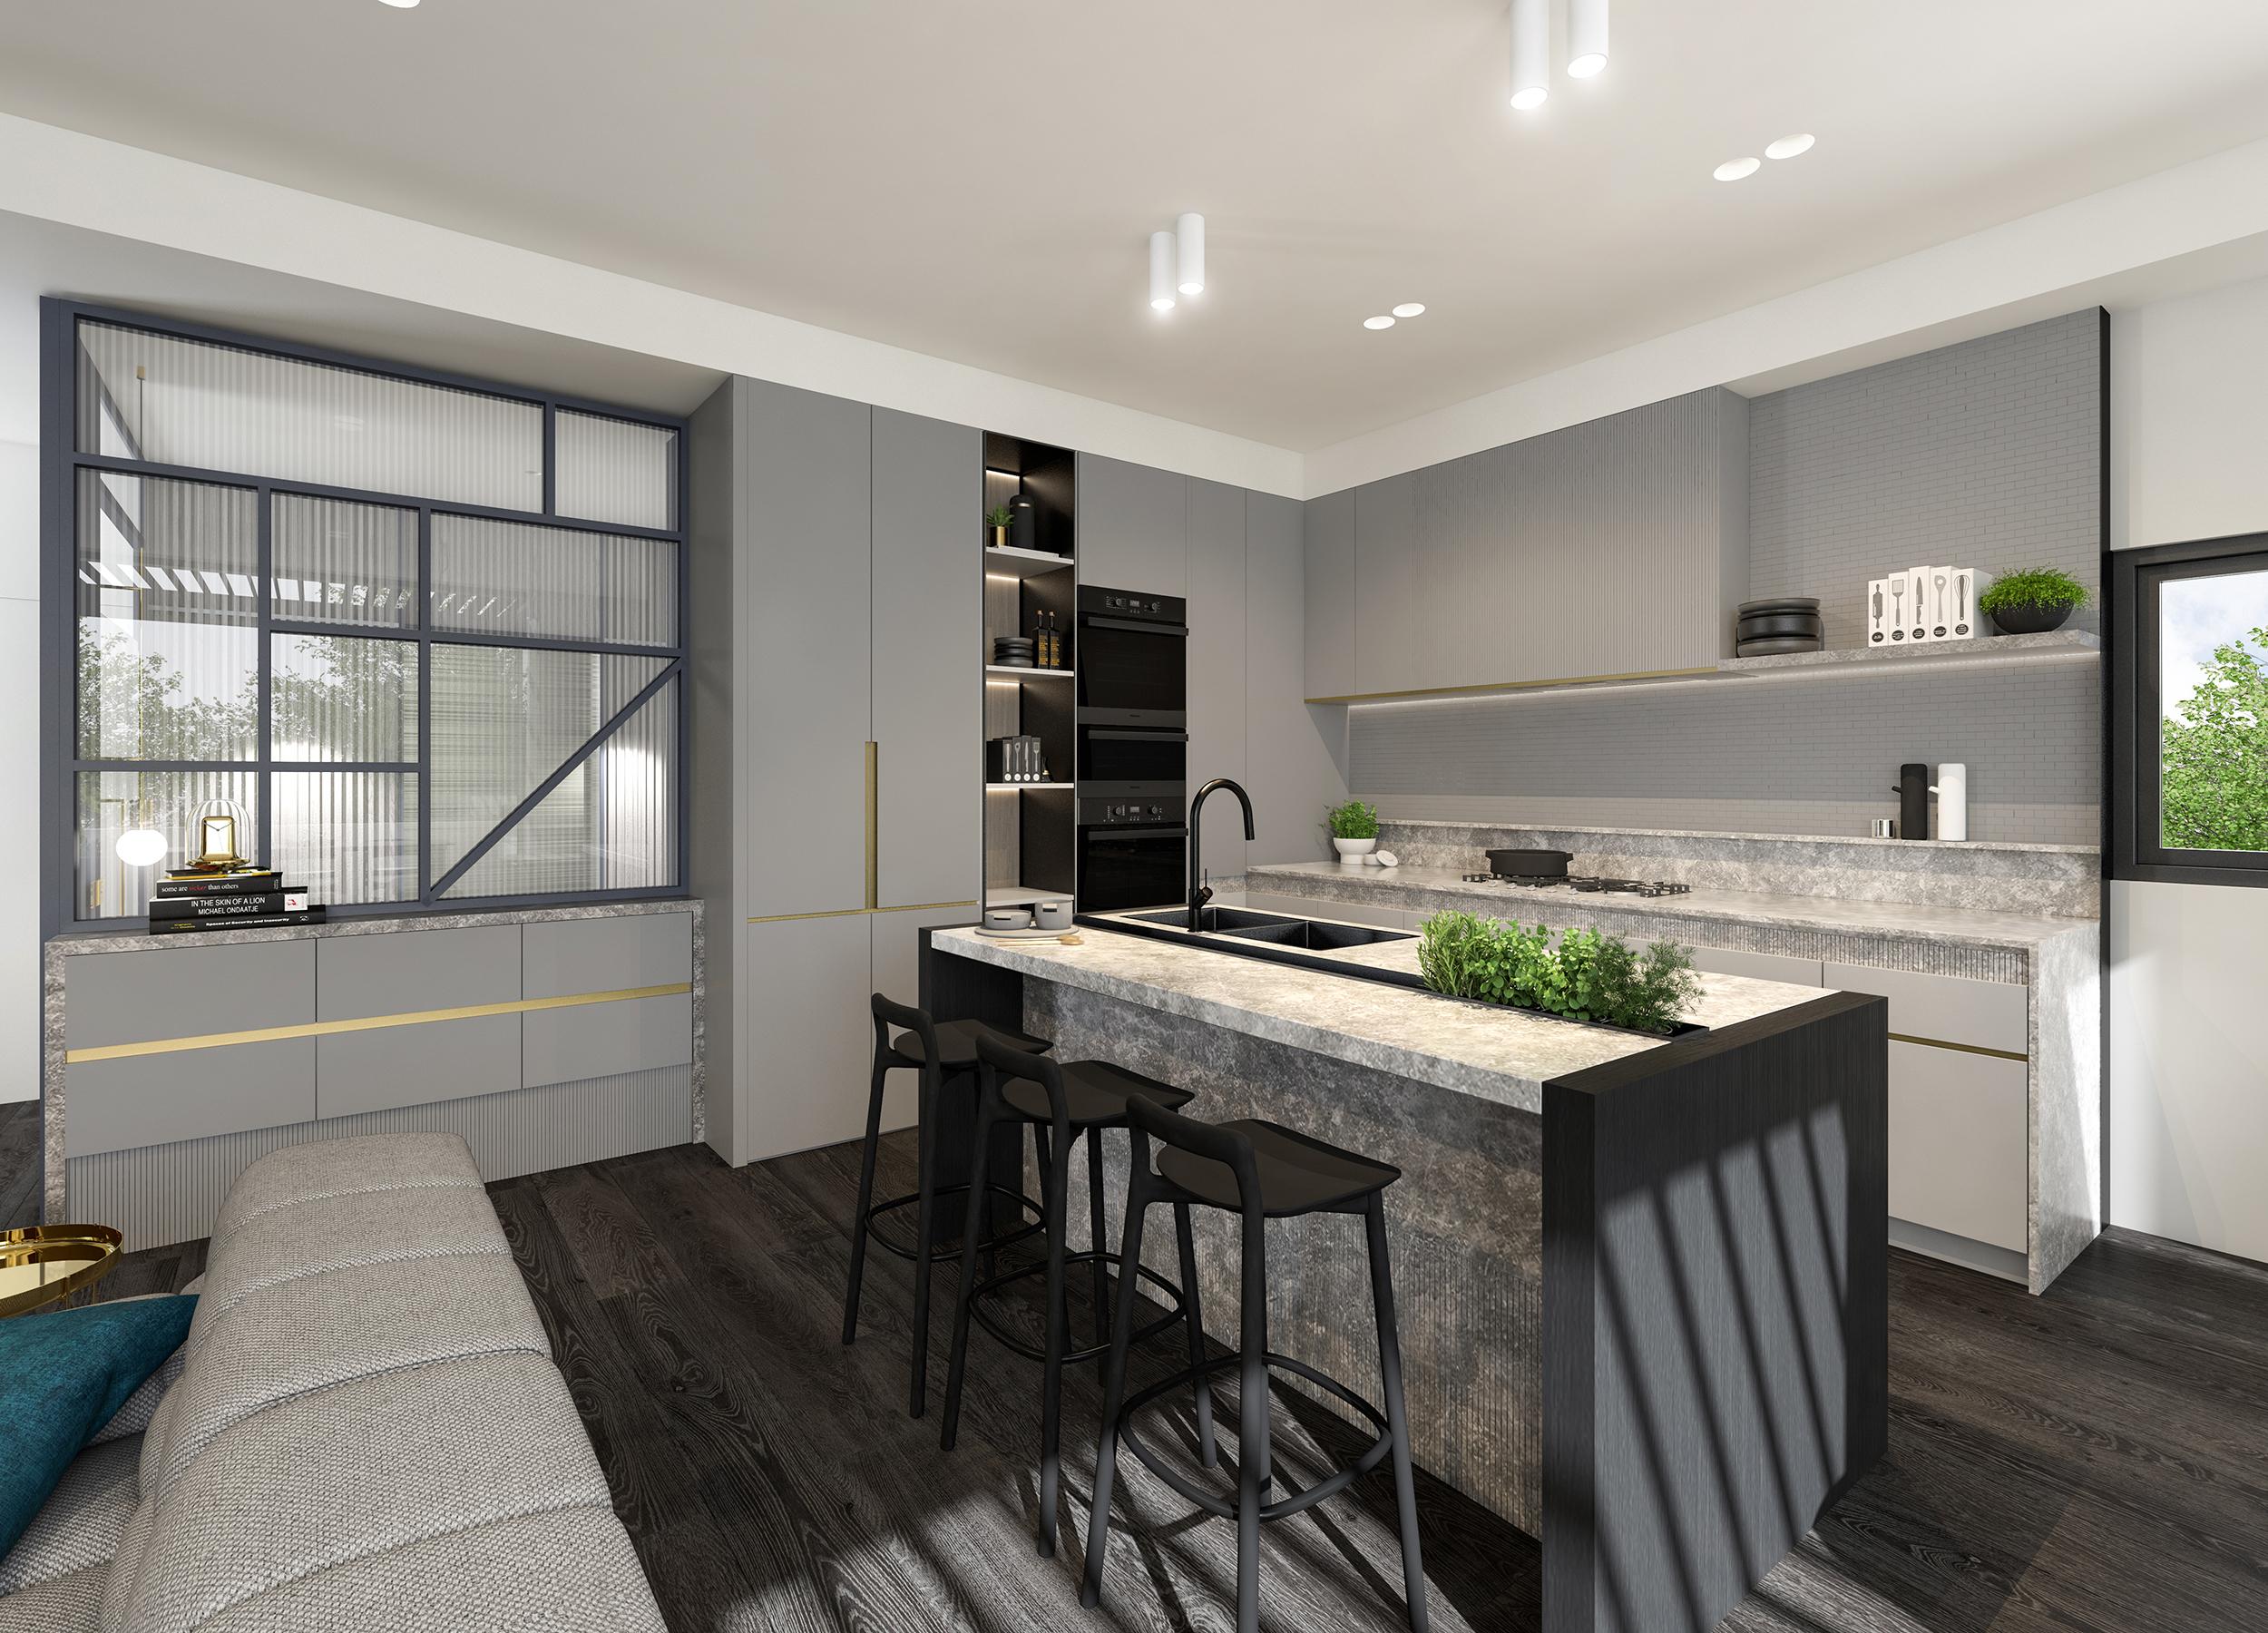 Well St - Apartment 5 - Kitchen - Dark Scheme MR.jpg